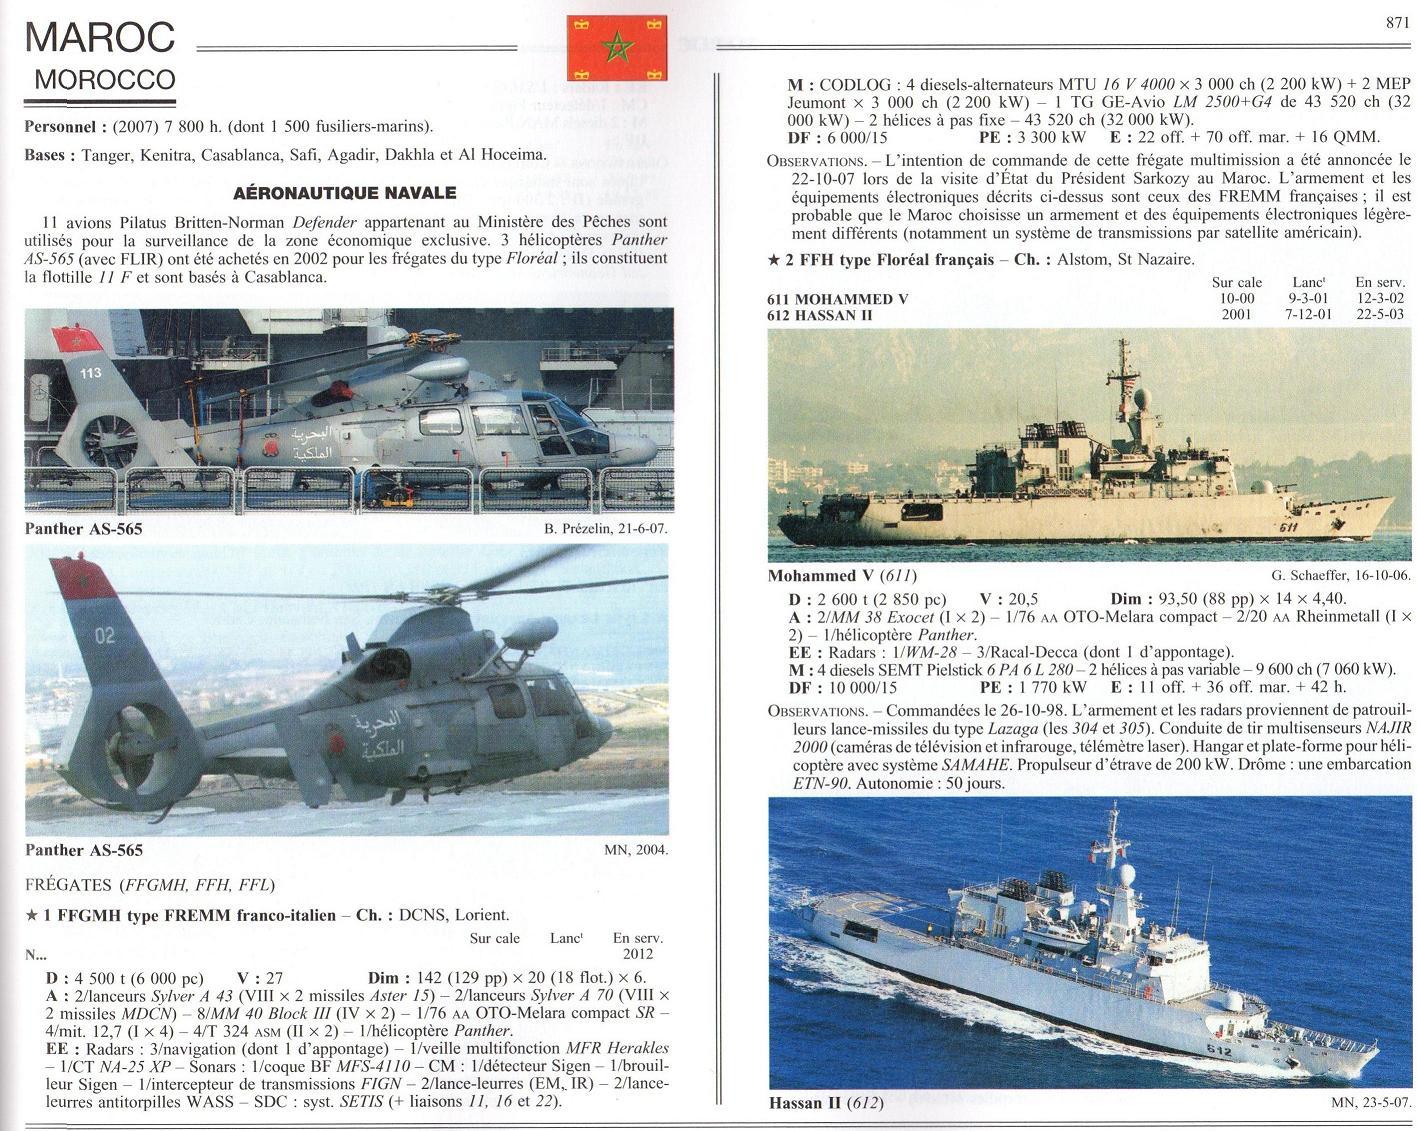 Articles à propos de la Marine Royale Marocaine 08-00110